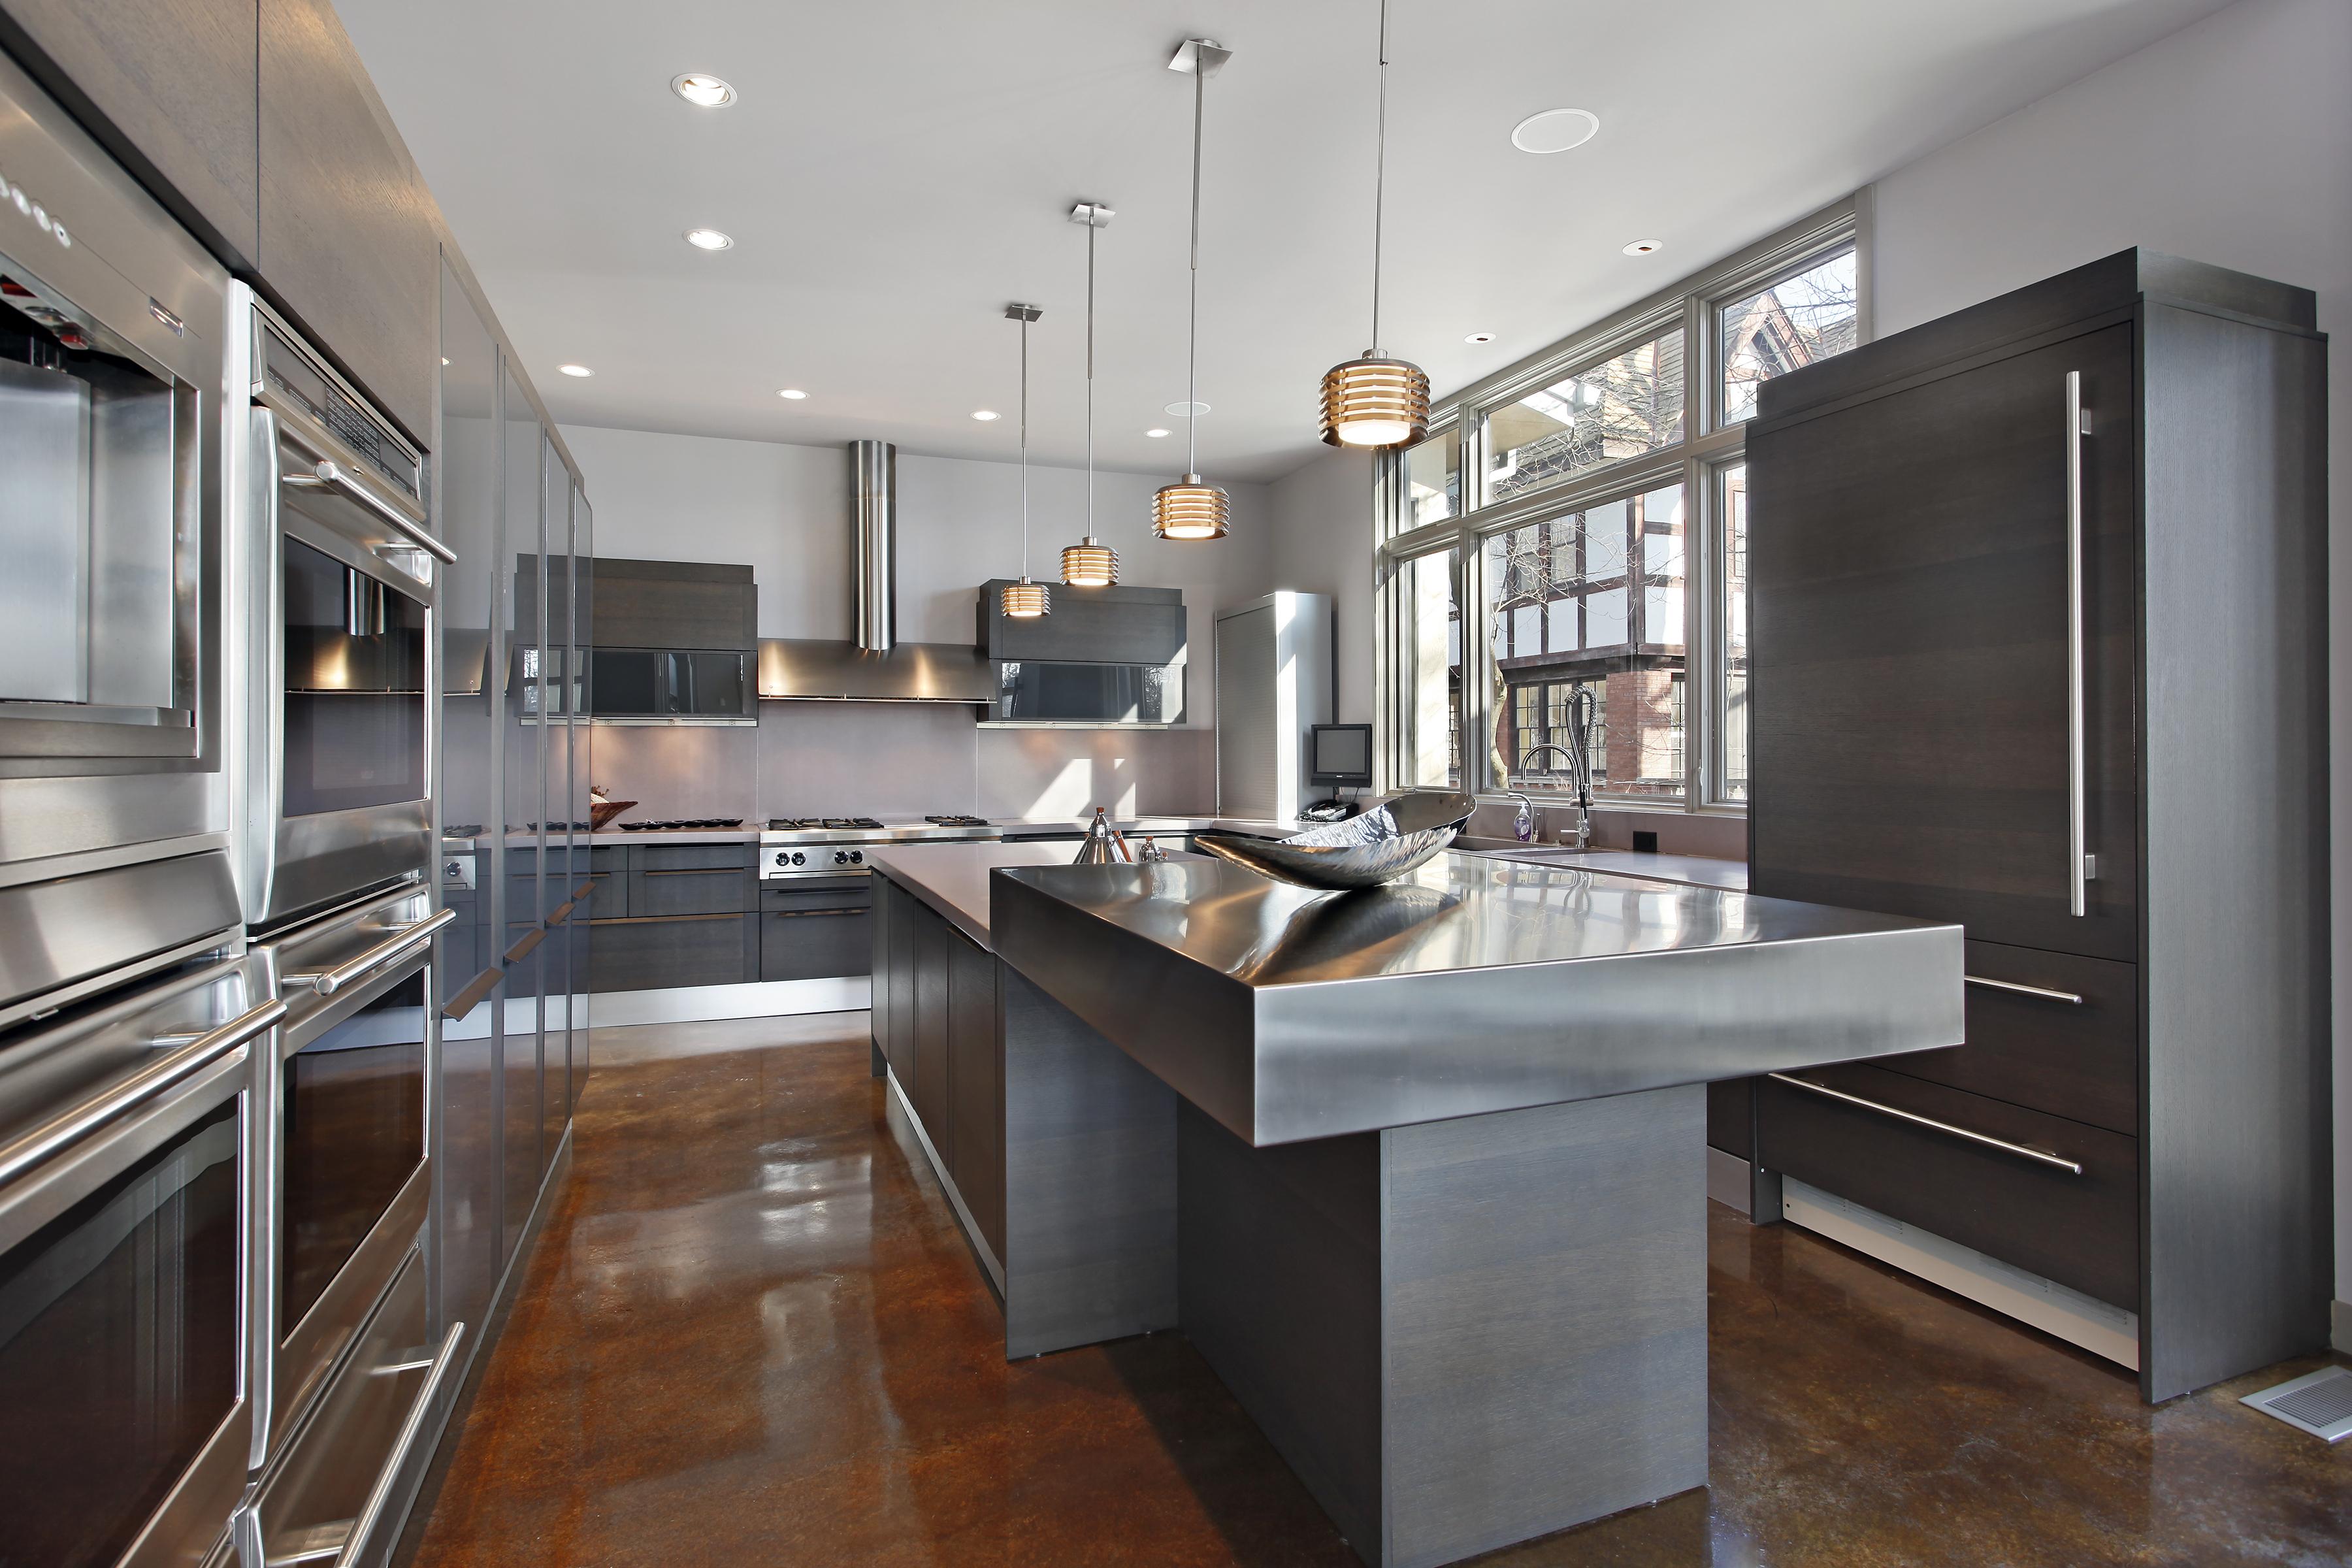 Stainless Steel - Modern Kitchen